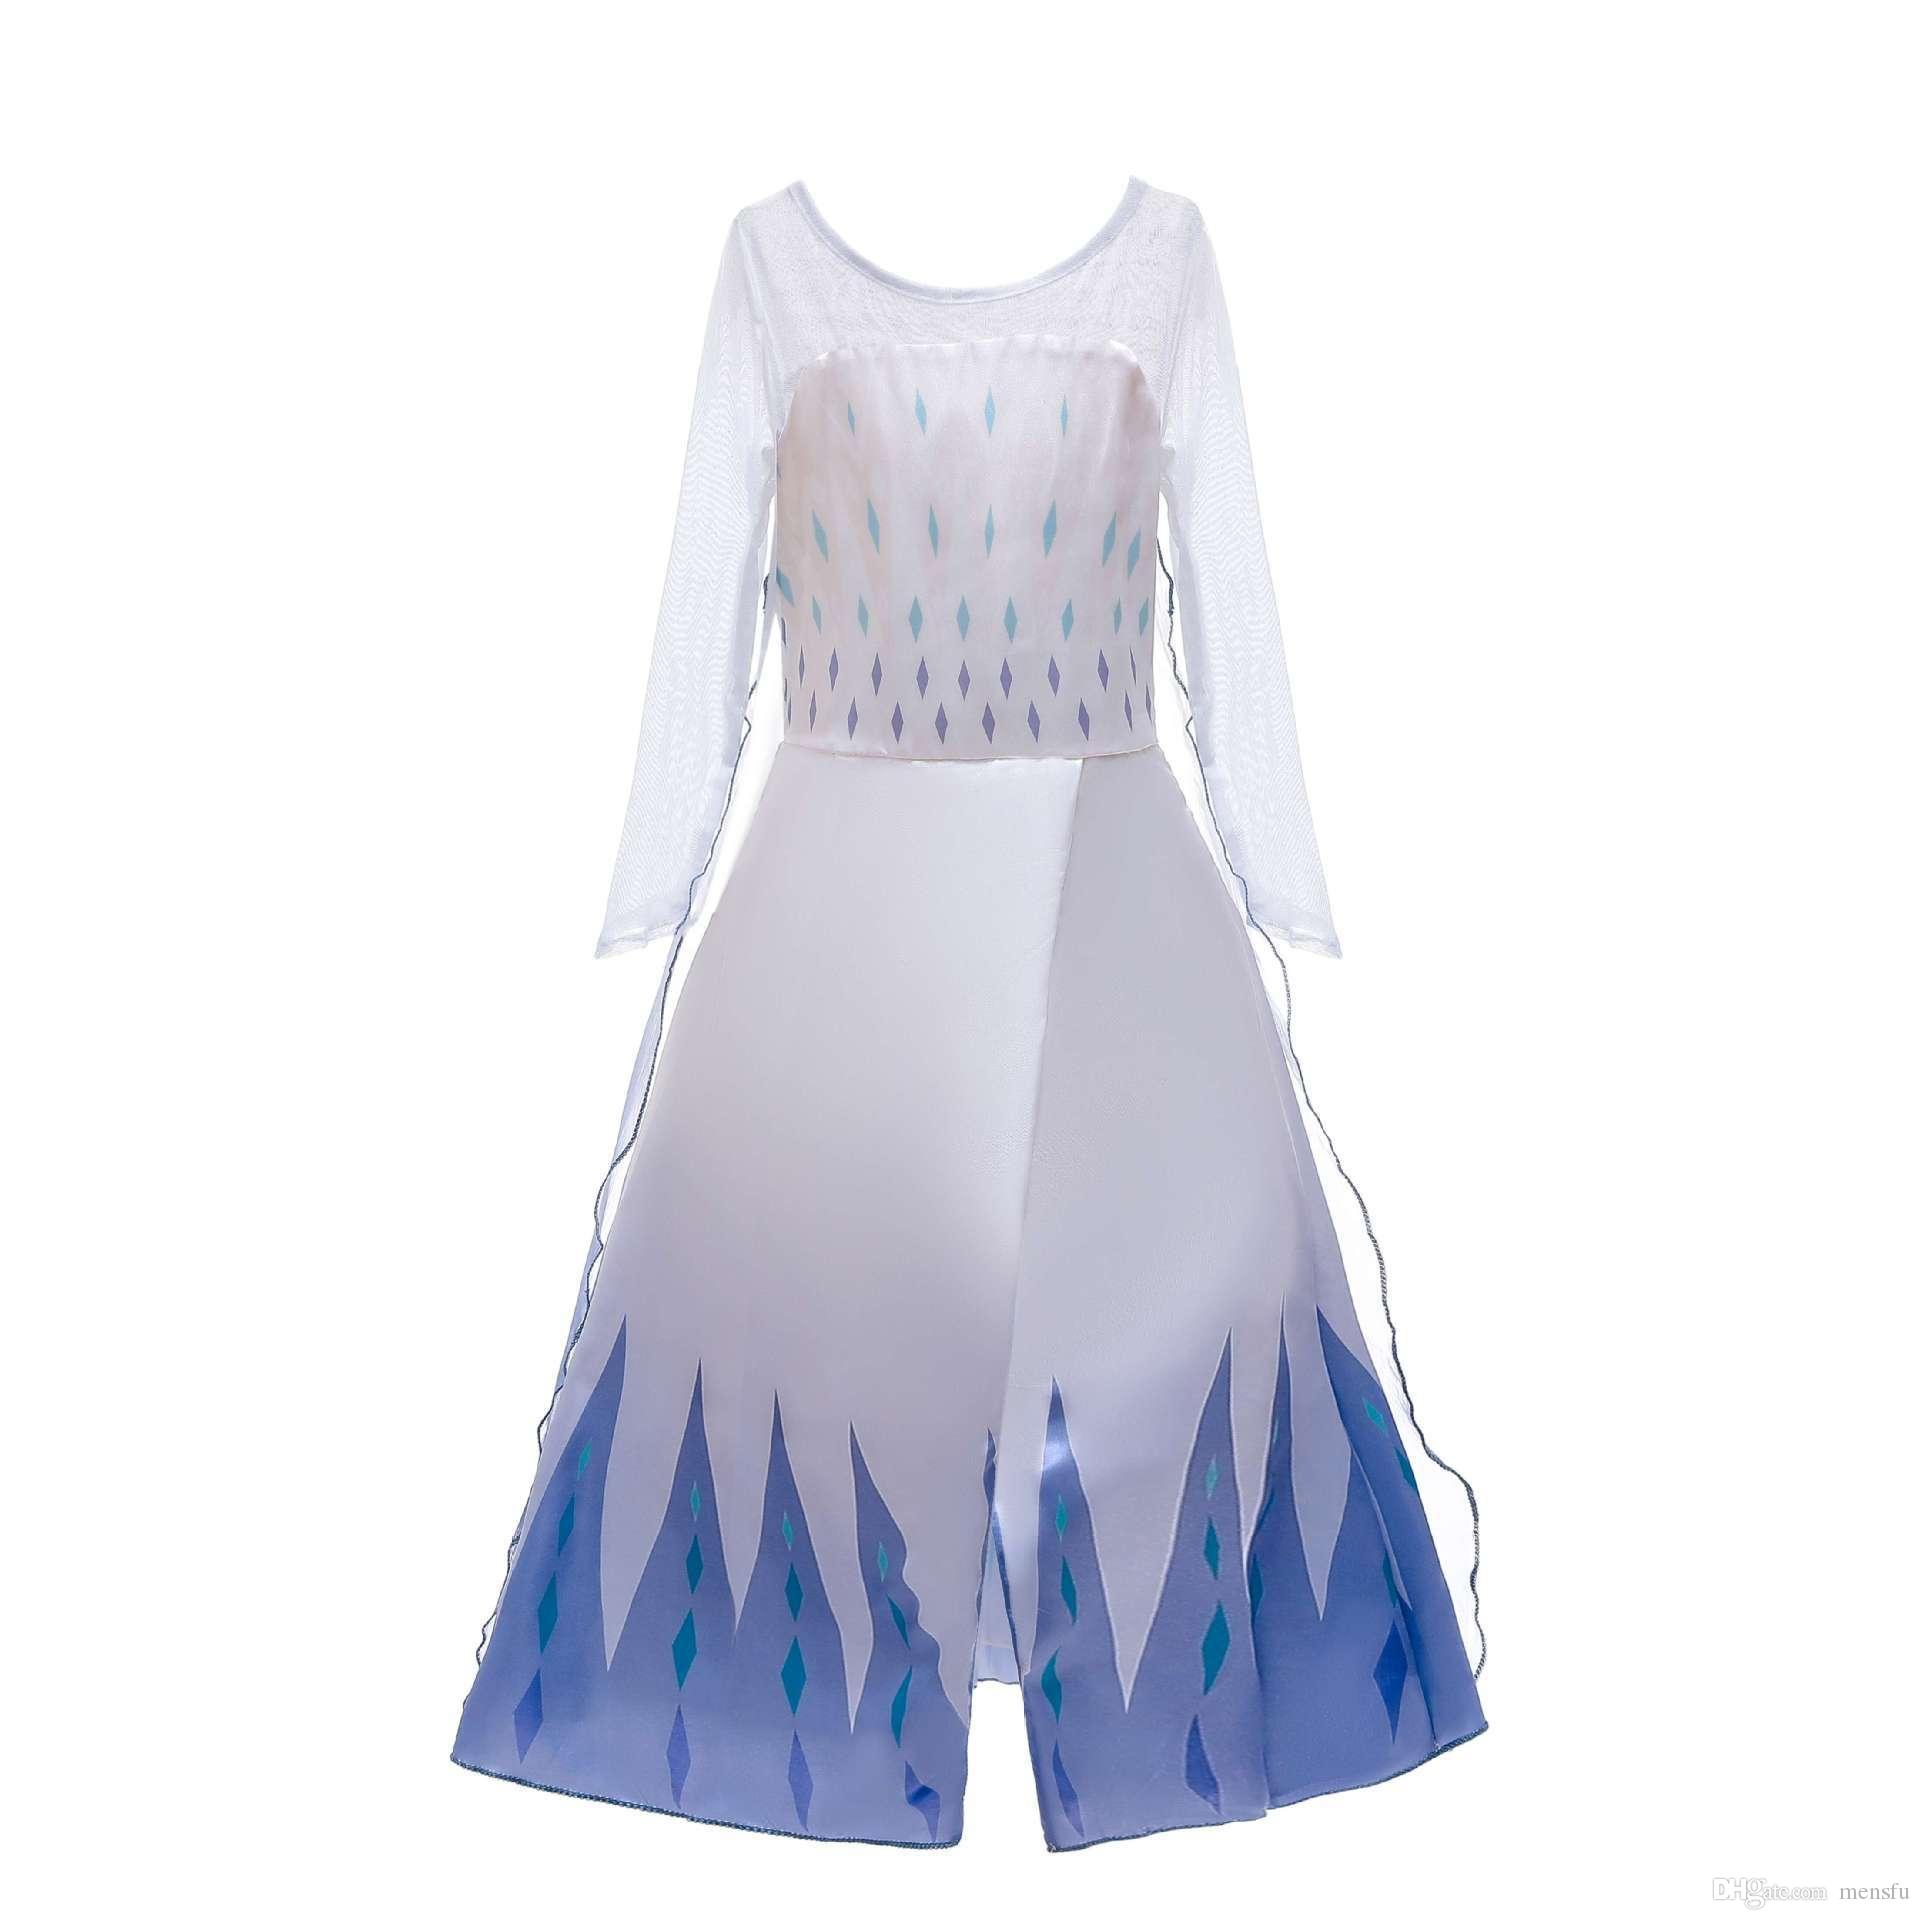 2020 лед и снег край 2 Платье принцессы новая девушка Айша Принцесса детское платье замороженное платье E200333